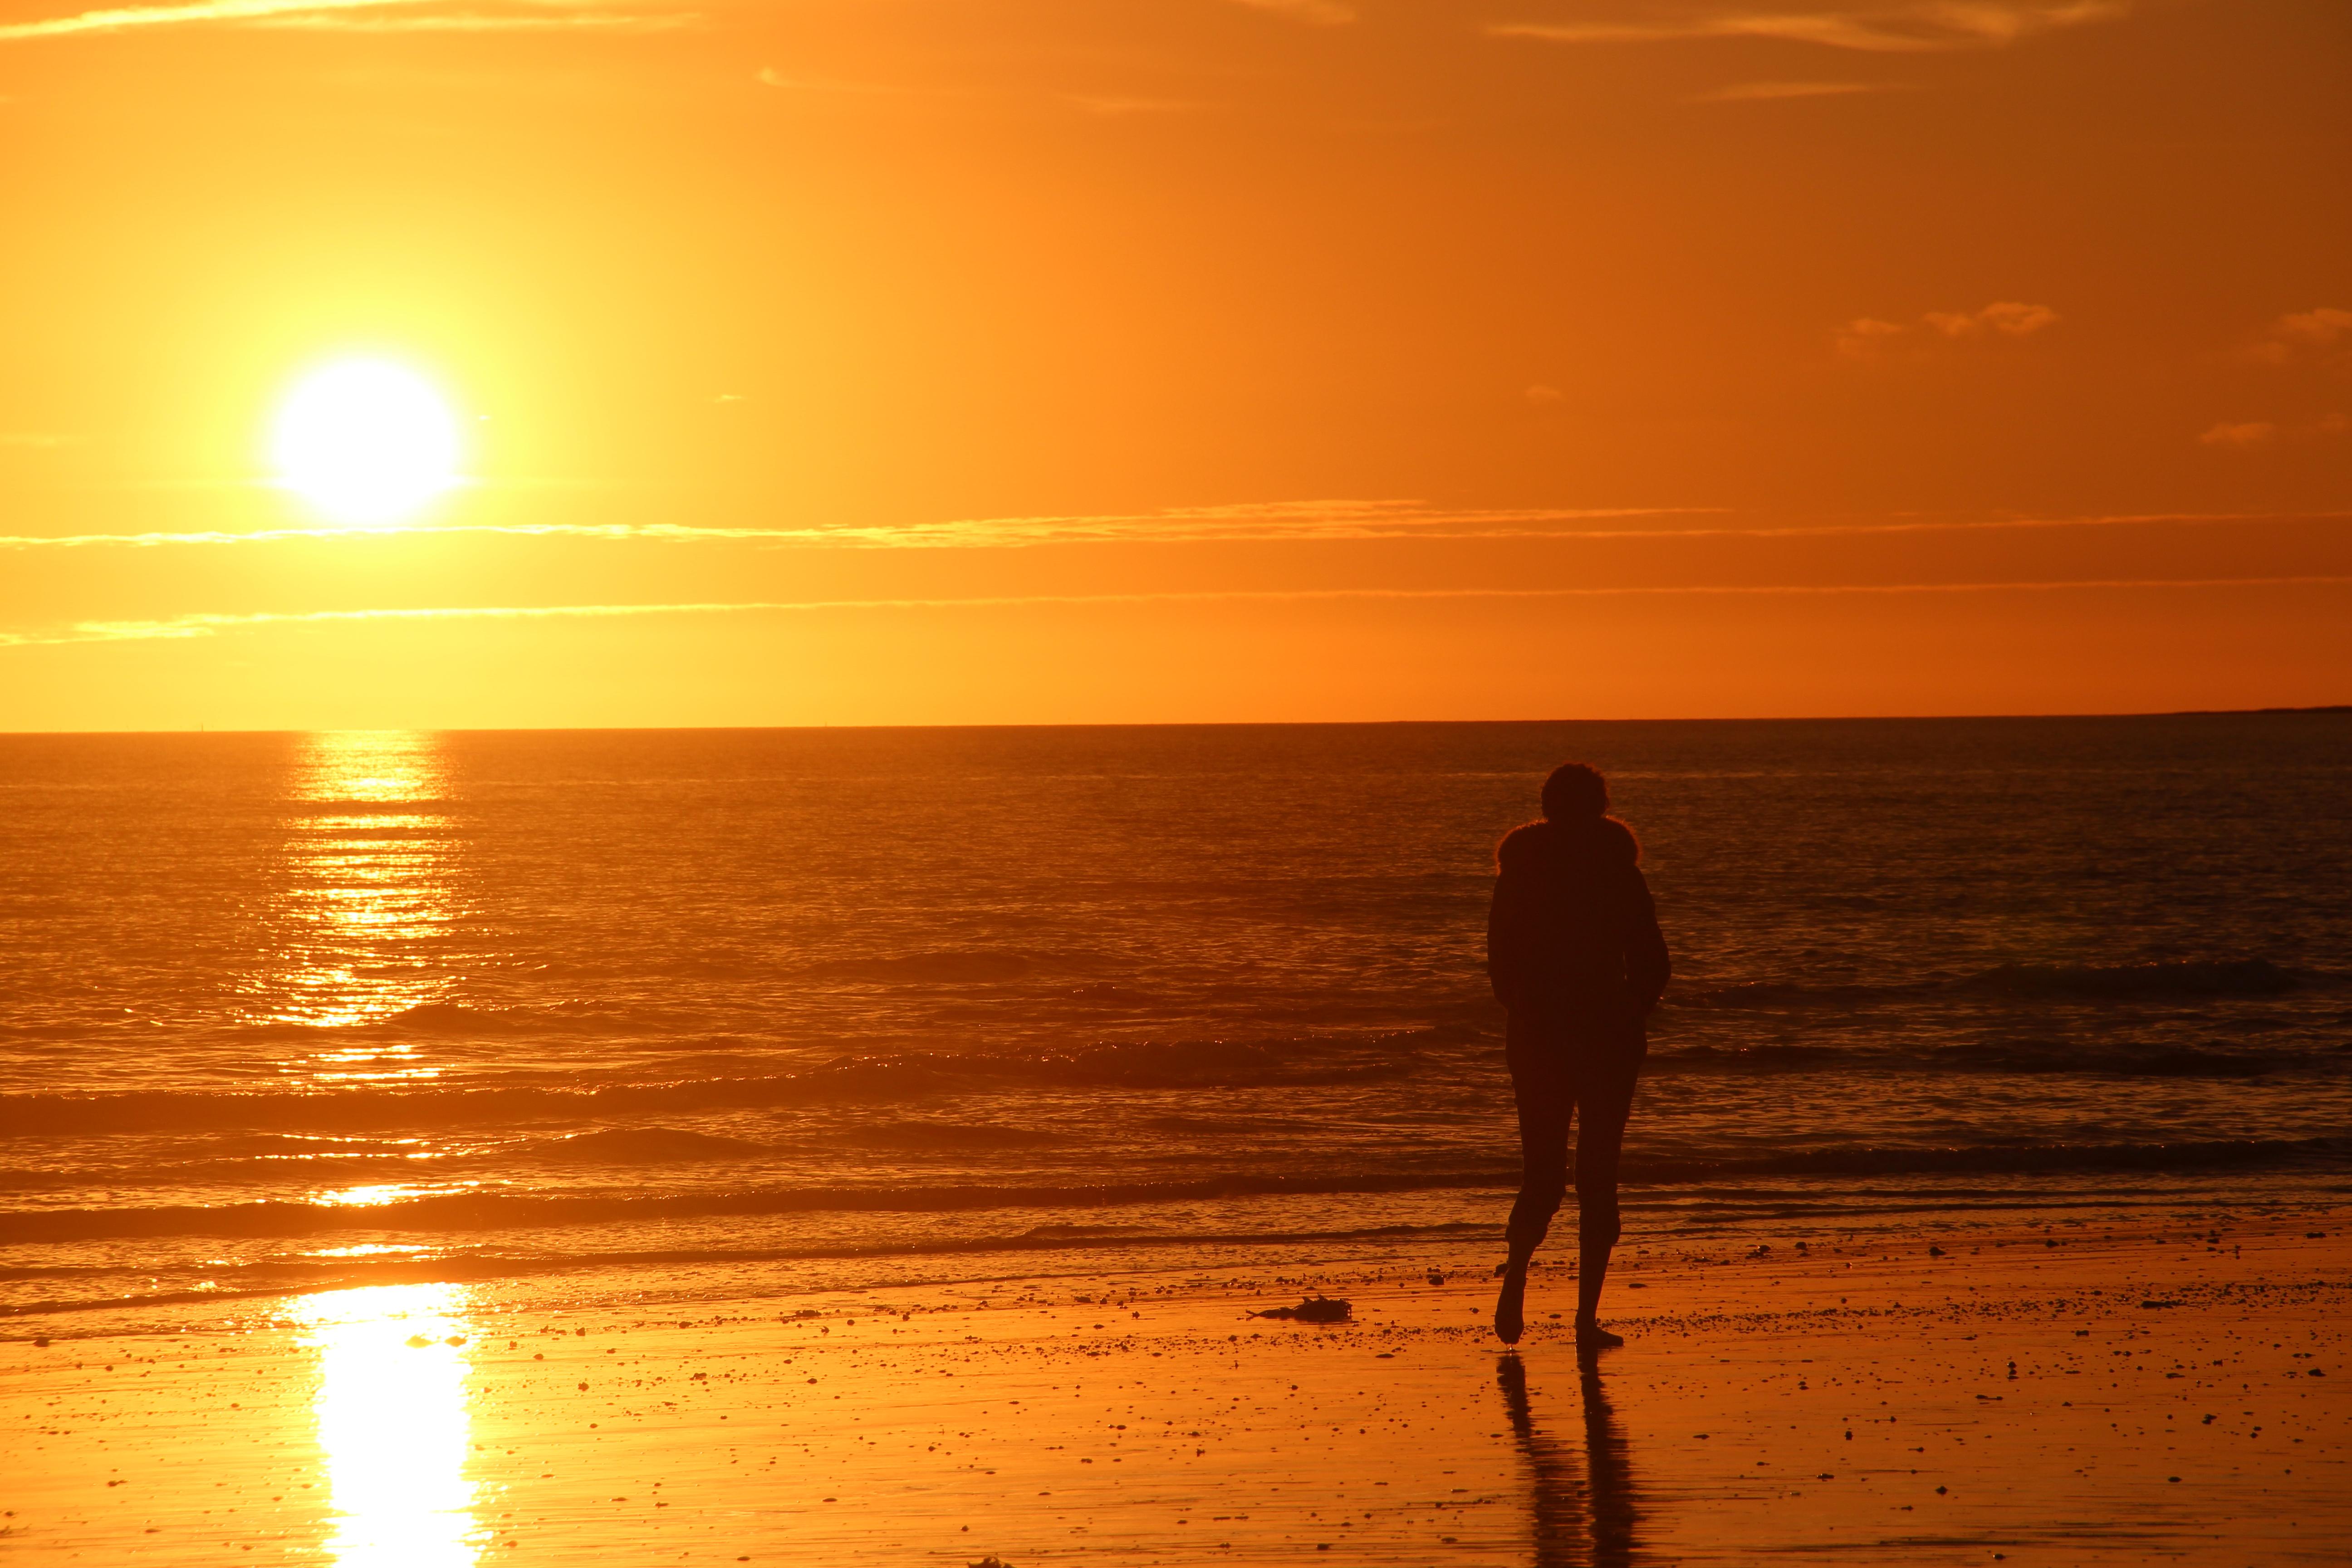 coucher de soleil a damgan bretagne